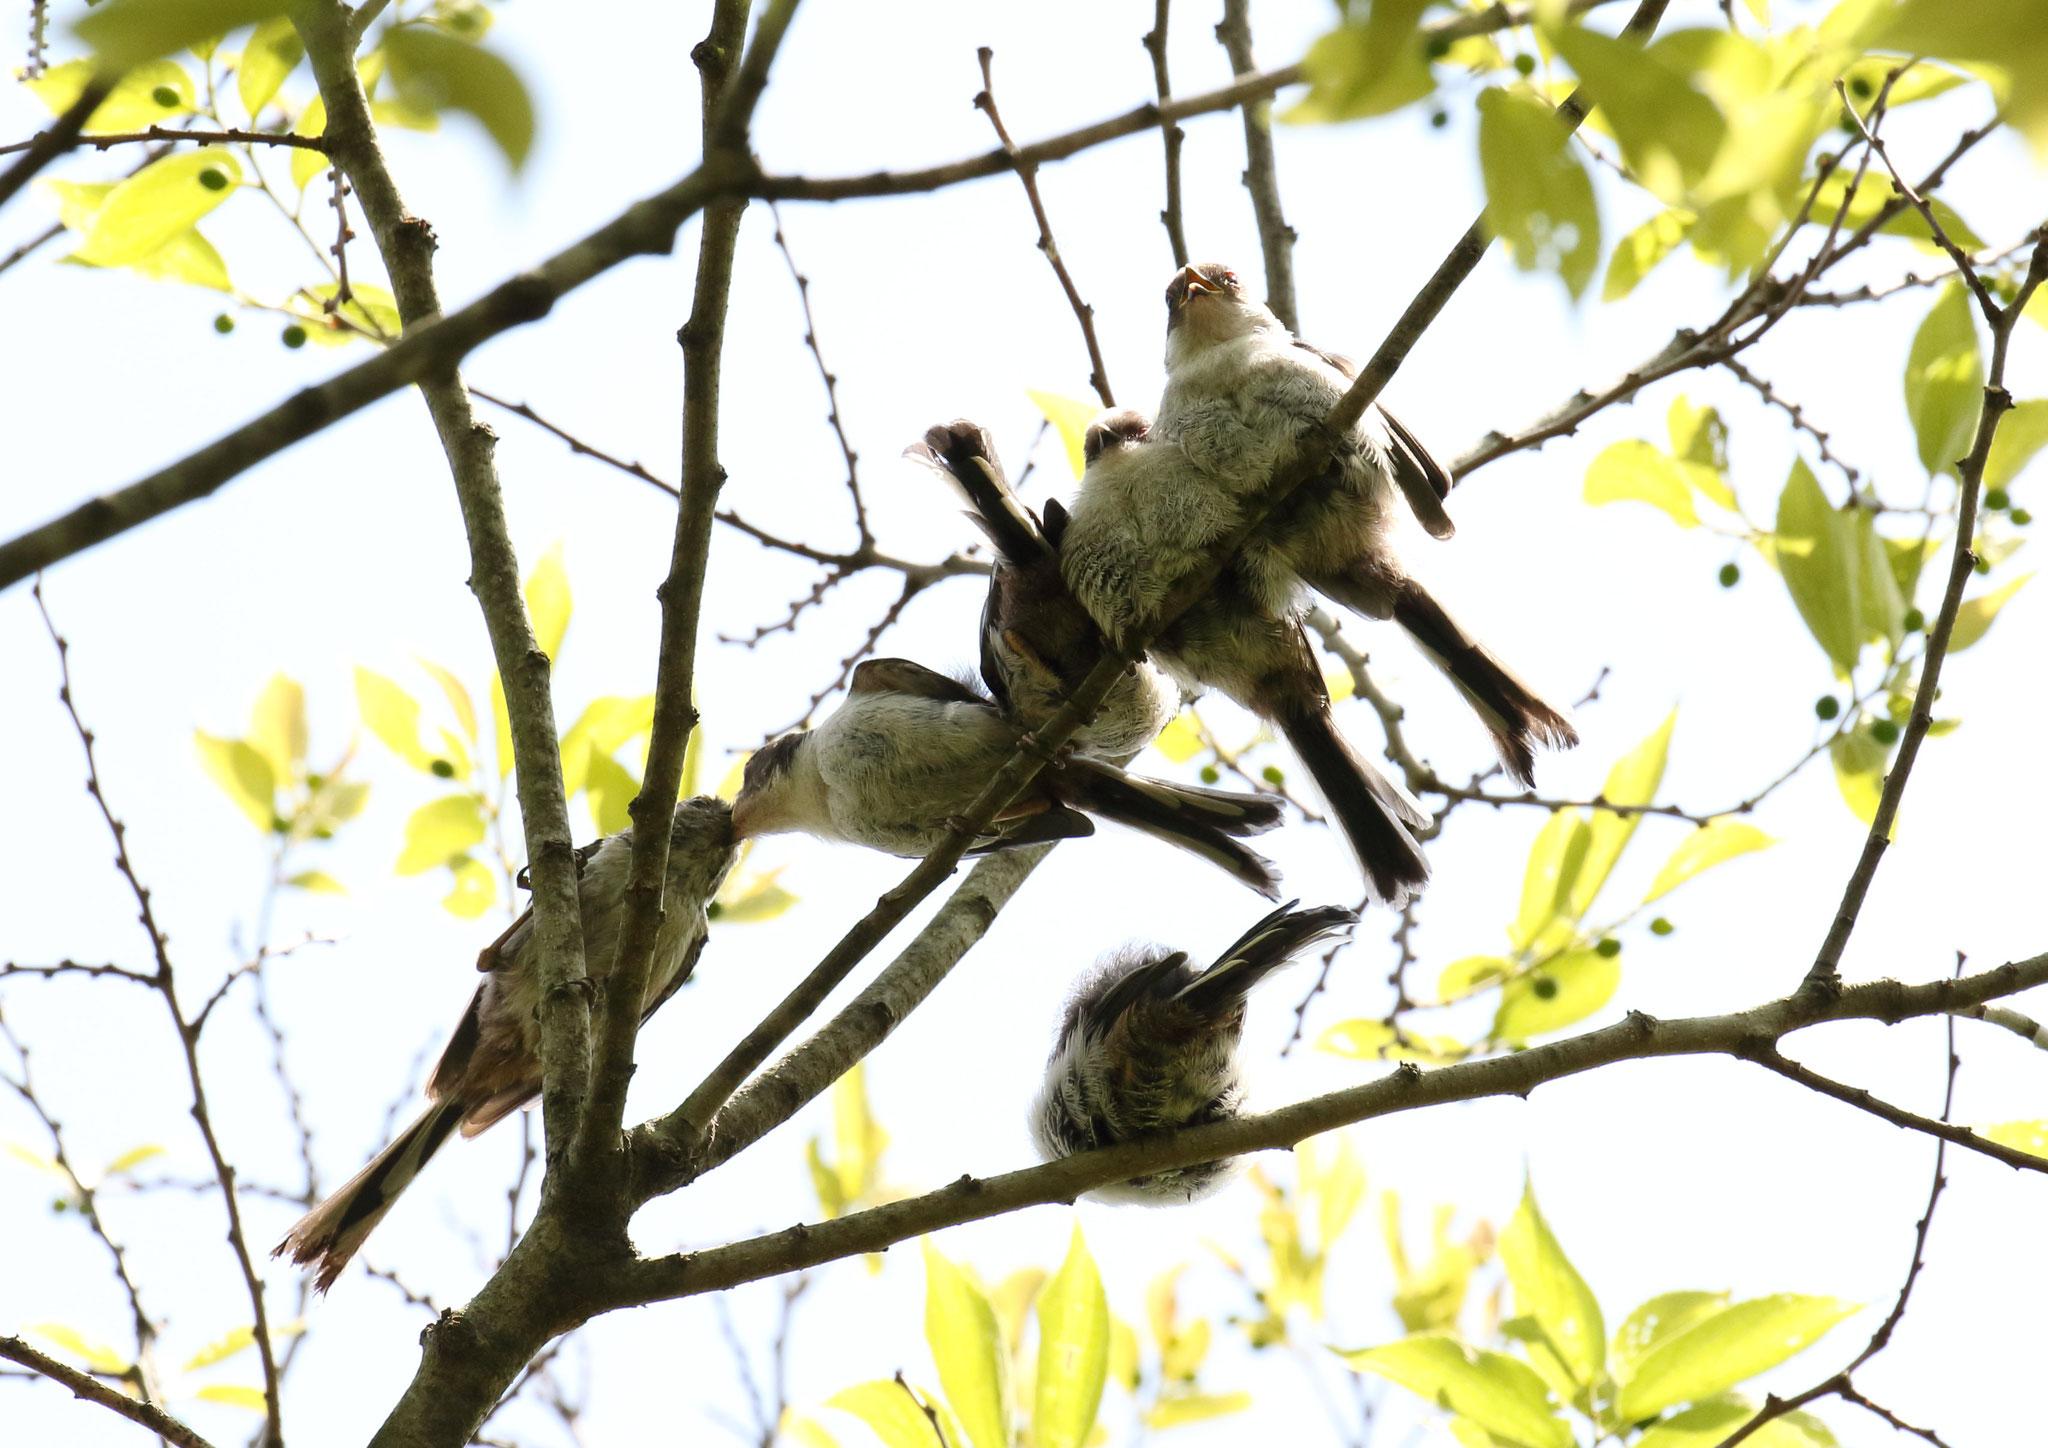 雛に給餌する親鳥. エナガ親子 2021/4/27 柏市郊外 親鳥が雛への給餌に現れると団子ばらける。